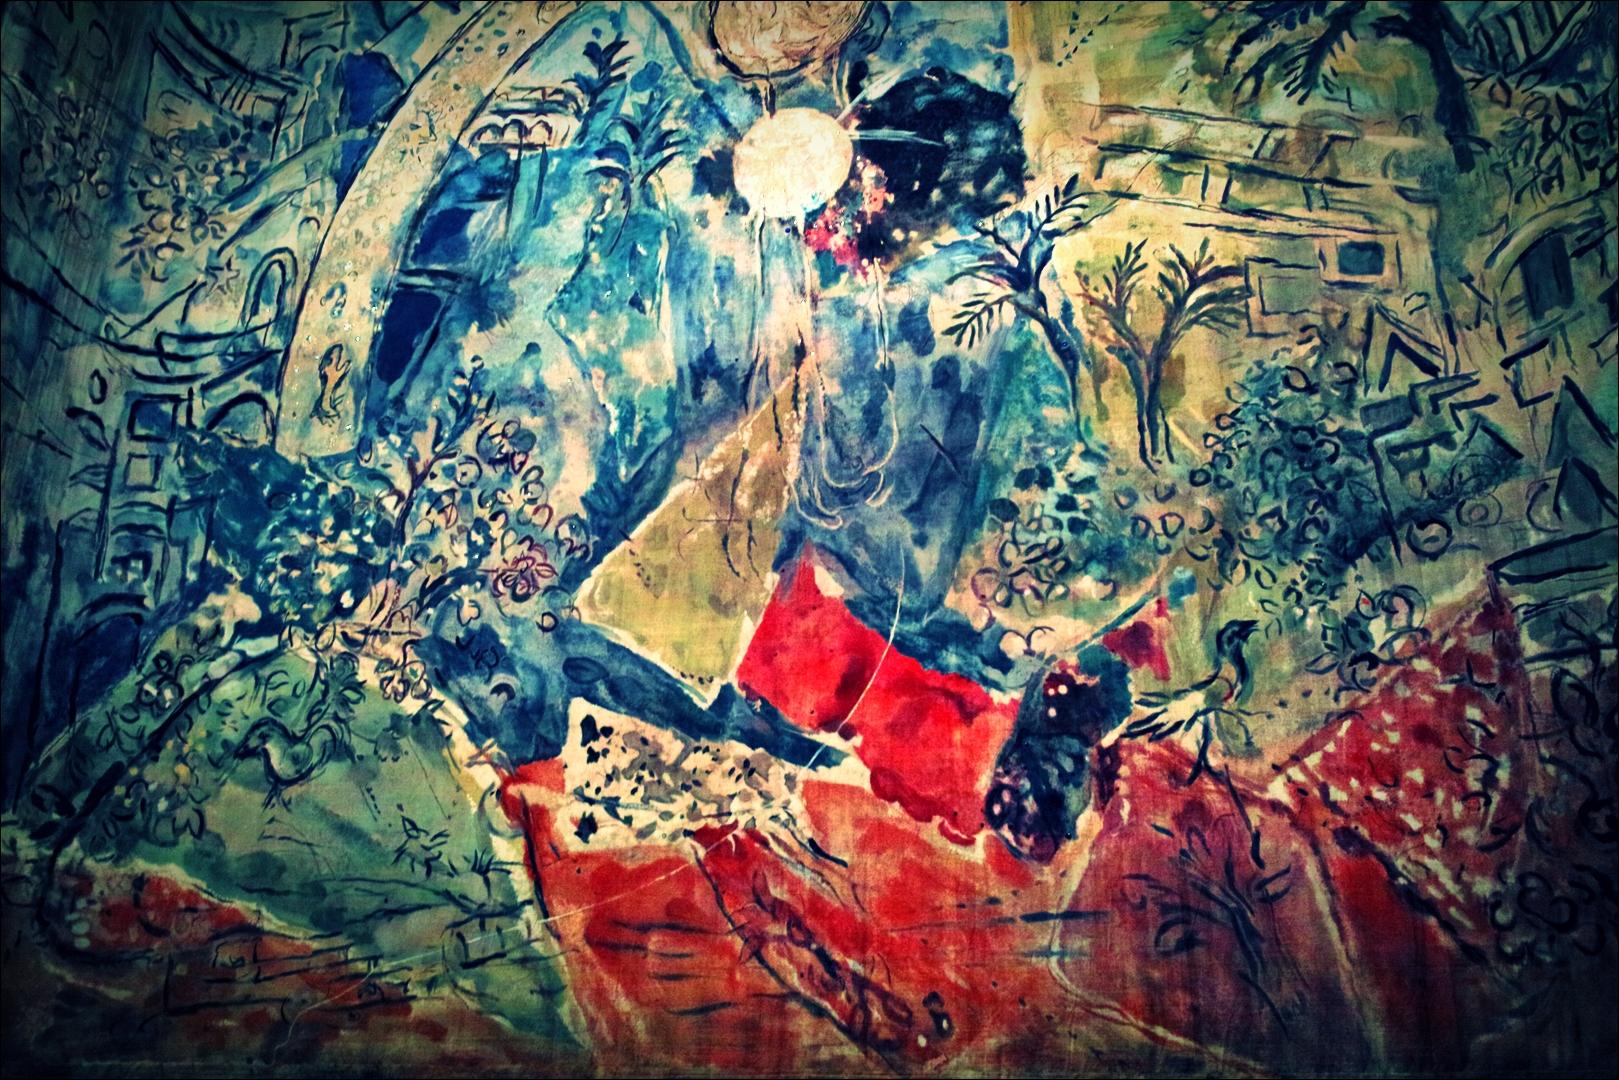 샤갈-'베라르도 현대미술관 Berardo Museum of Modern and Contemporary Art'